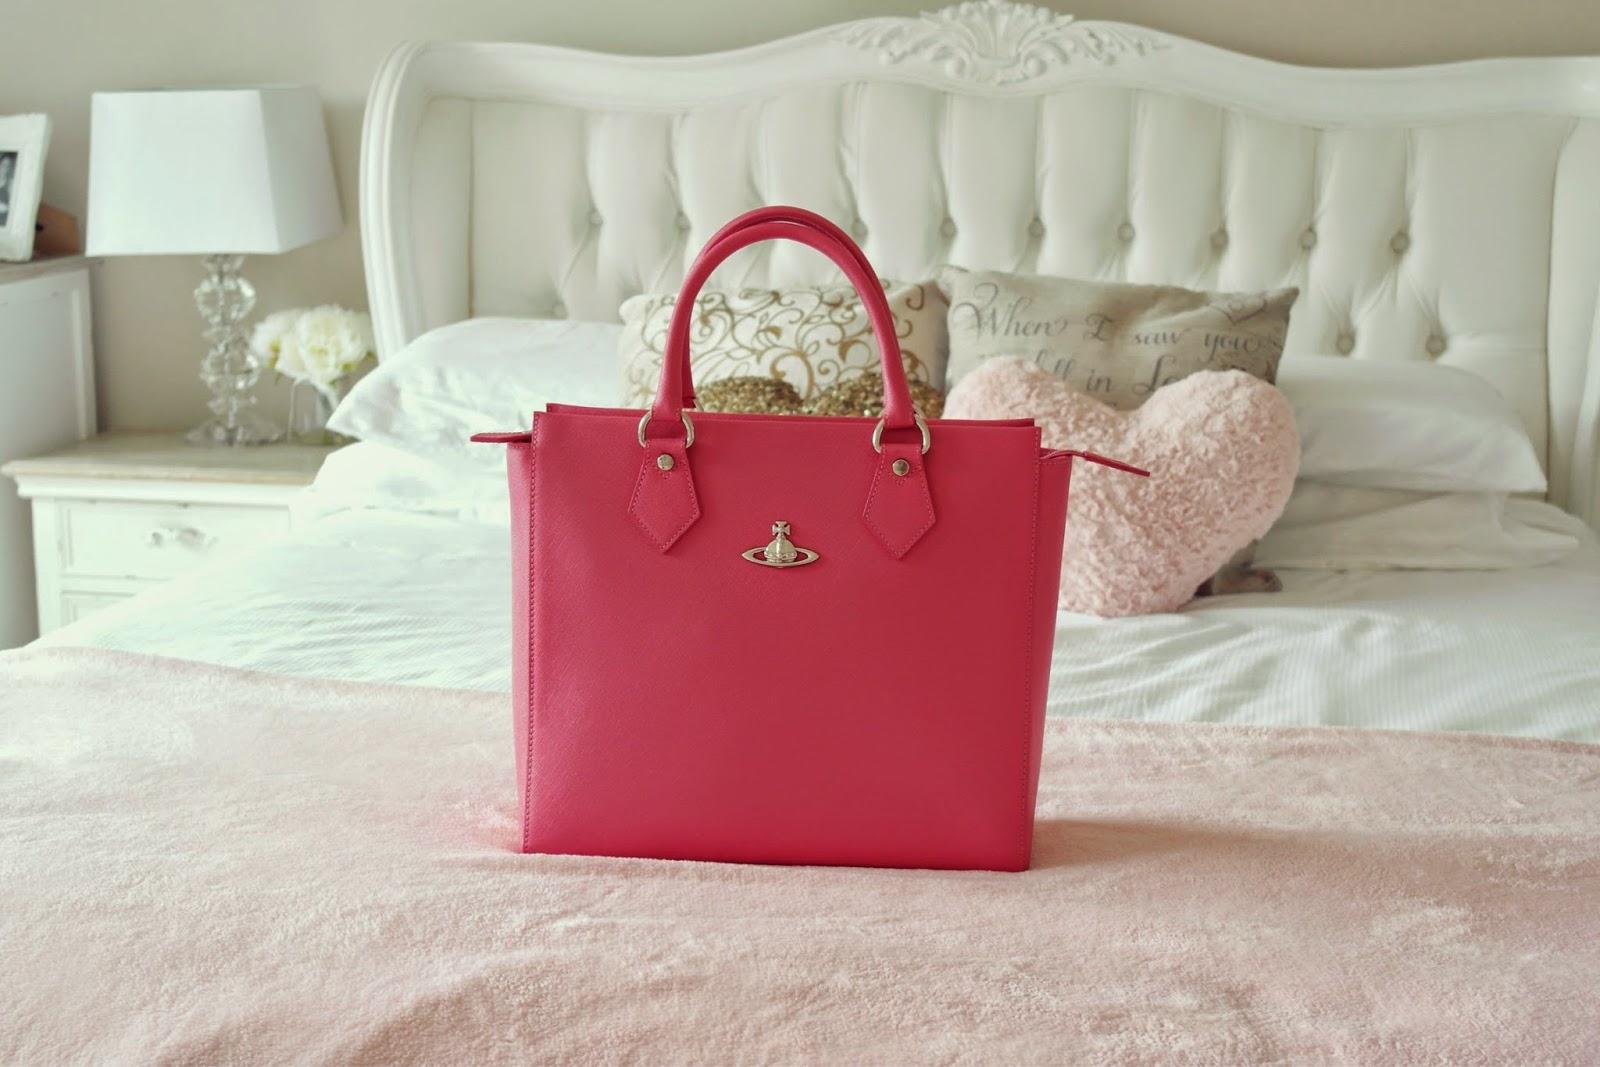 Vivienne Westwood pink handbag